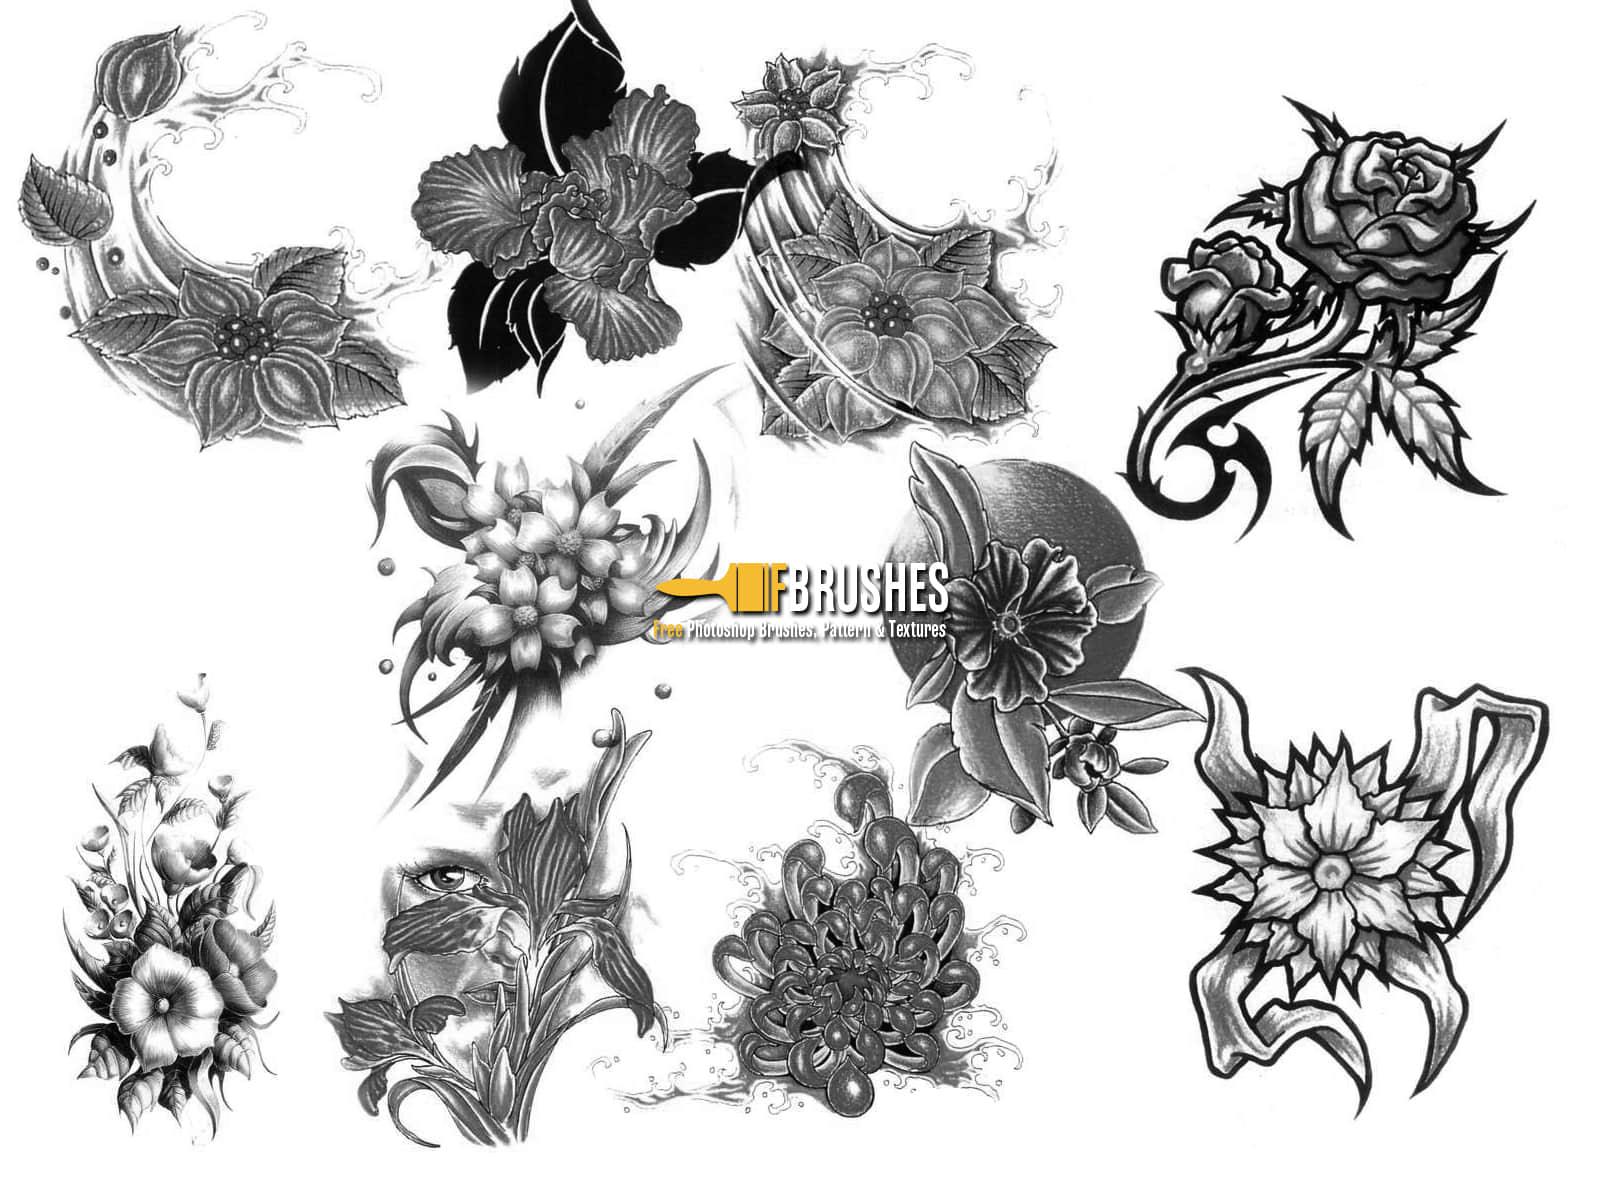 手绘素描式花朵、鲜花图案PS笔刷下载 鲜花笔刷 花朵笔刷 手绘花朵笔刷  flowers brushes